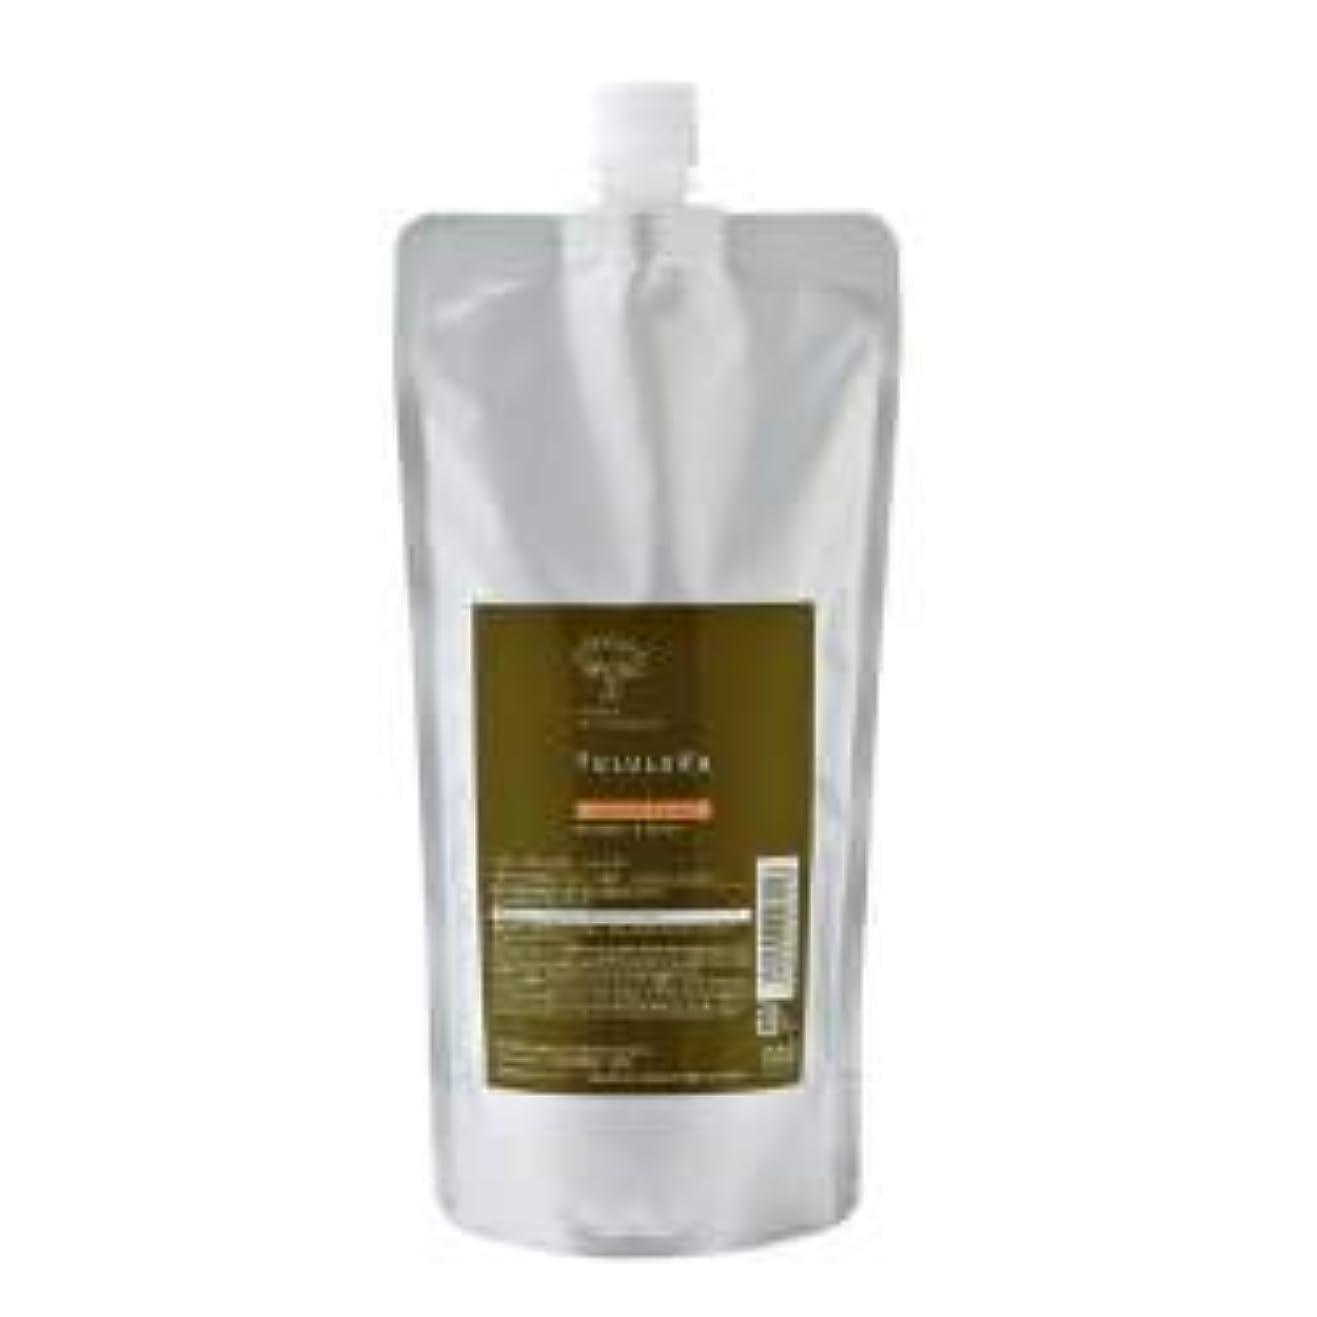 深さ媒染剤力学ユルルカ シプレーヴァイタル シャンプー詰替用(500mL)